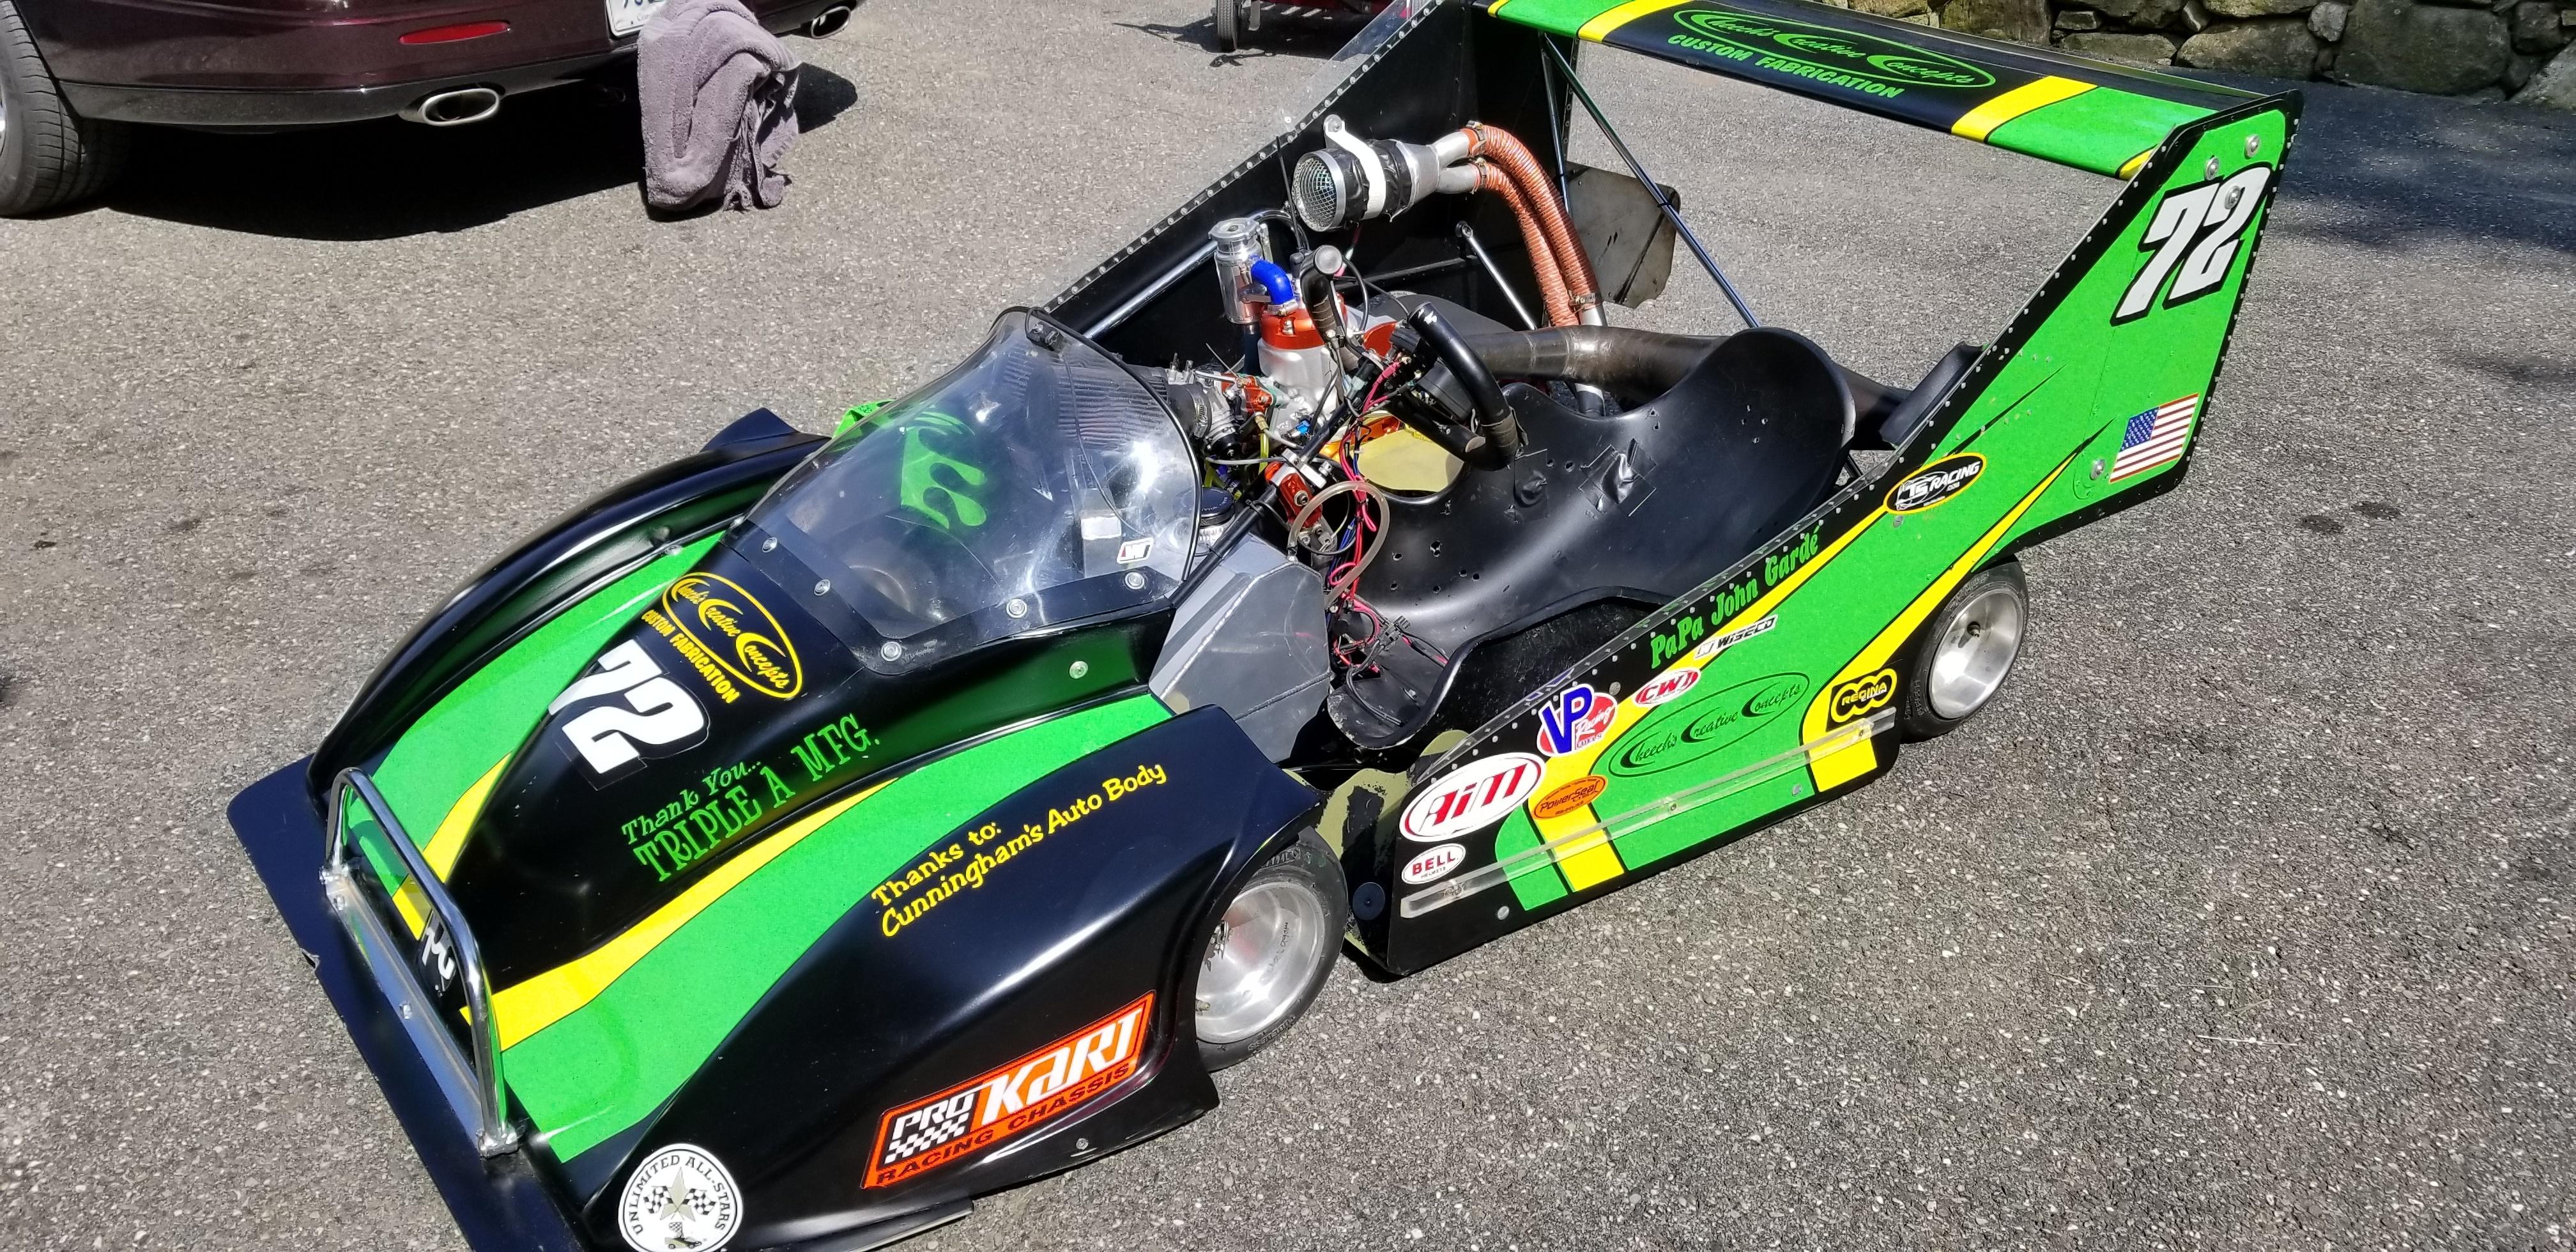 John Garde's 80+ HP Two-Stroke Unlimited Karts